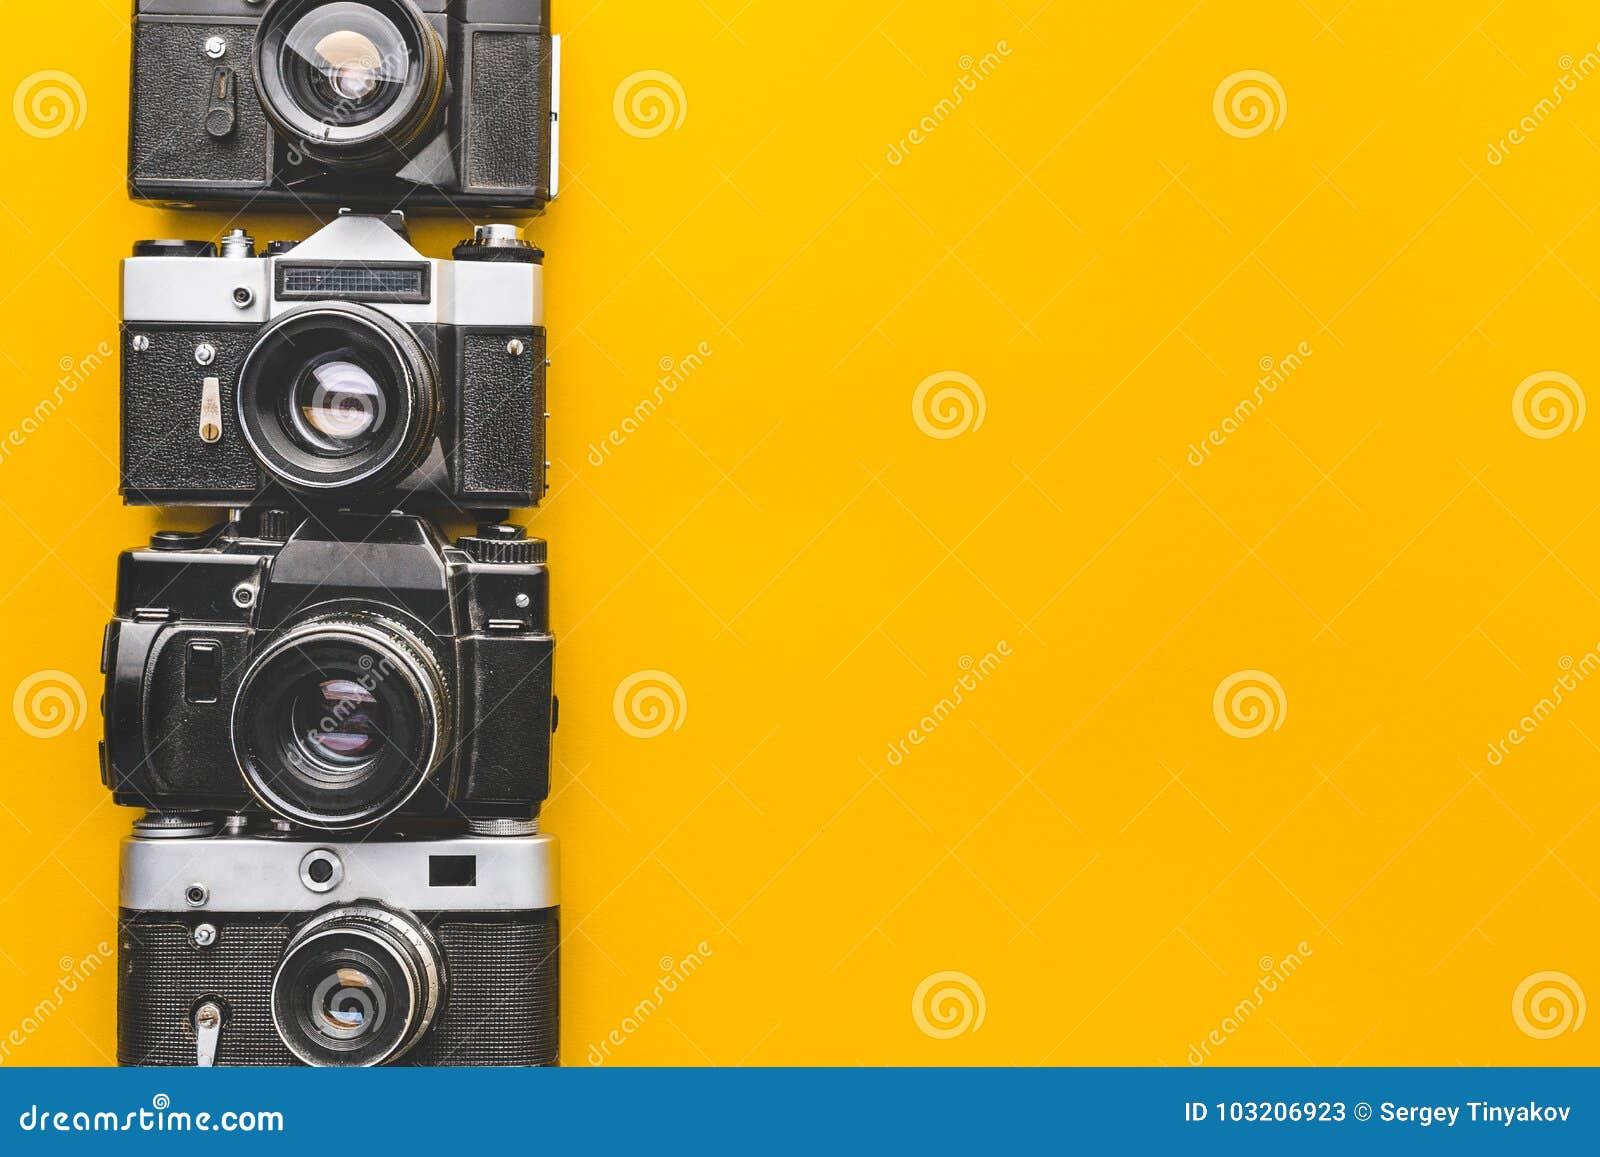 葡萄酒黄色背景表面上的影片照相机 创造性减速火箭的技术概念